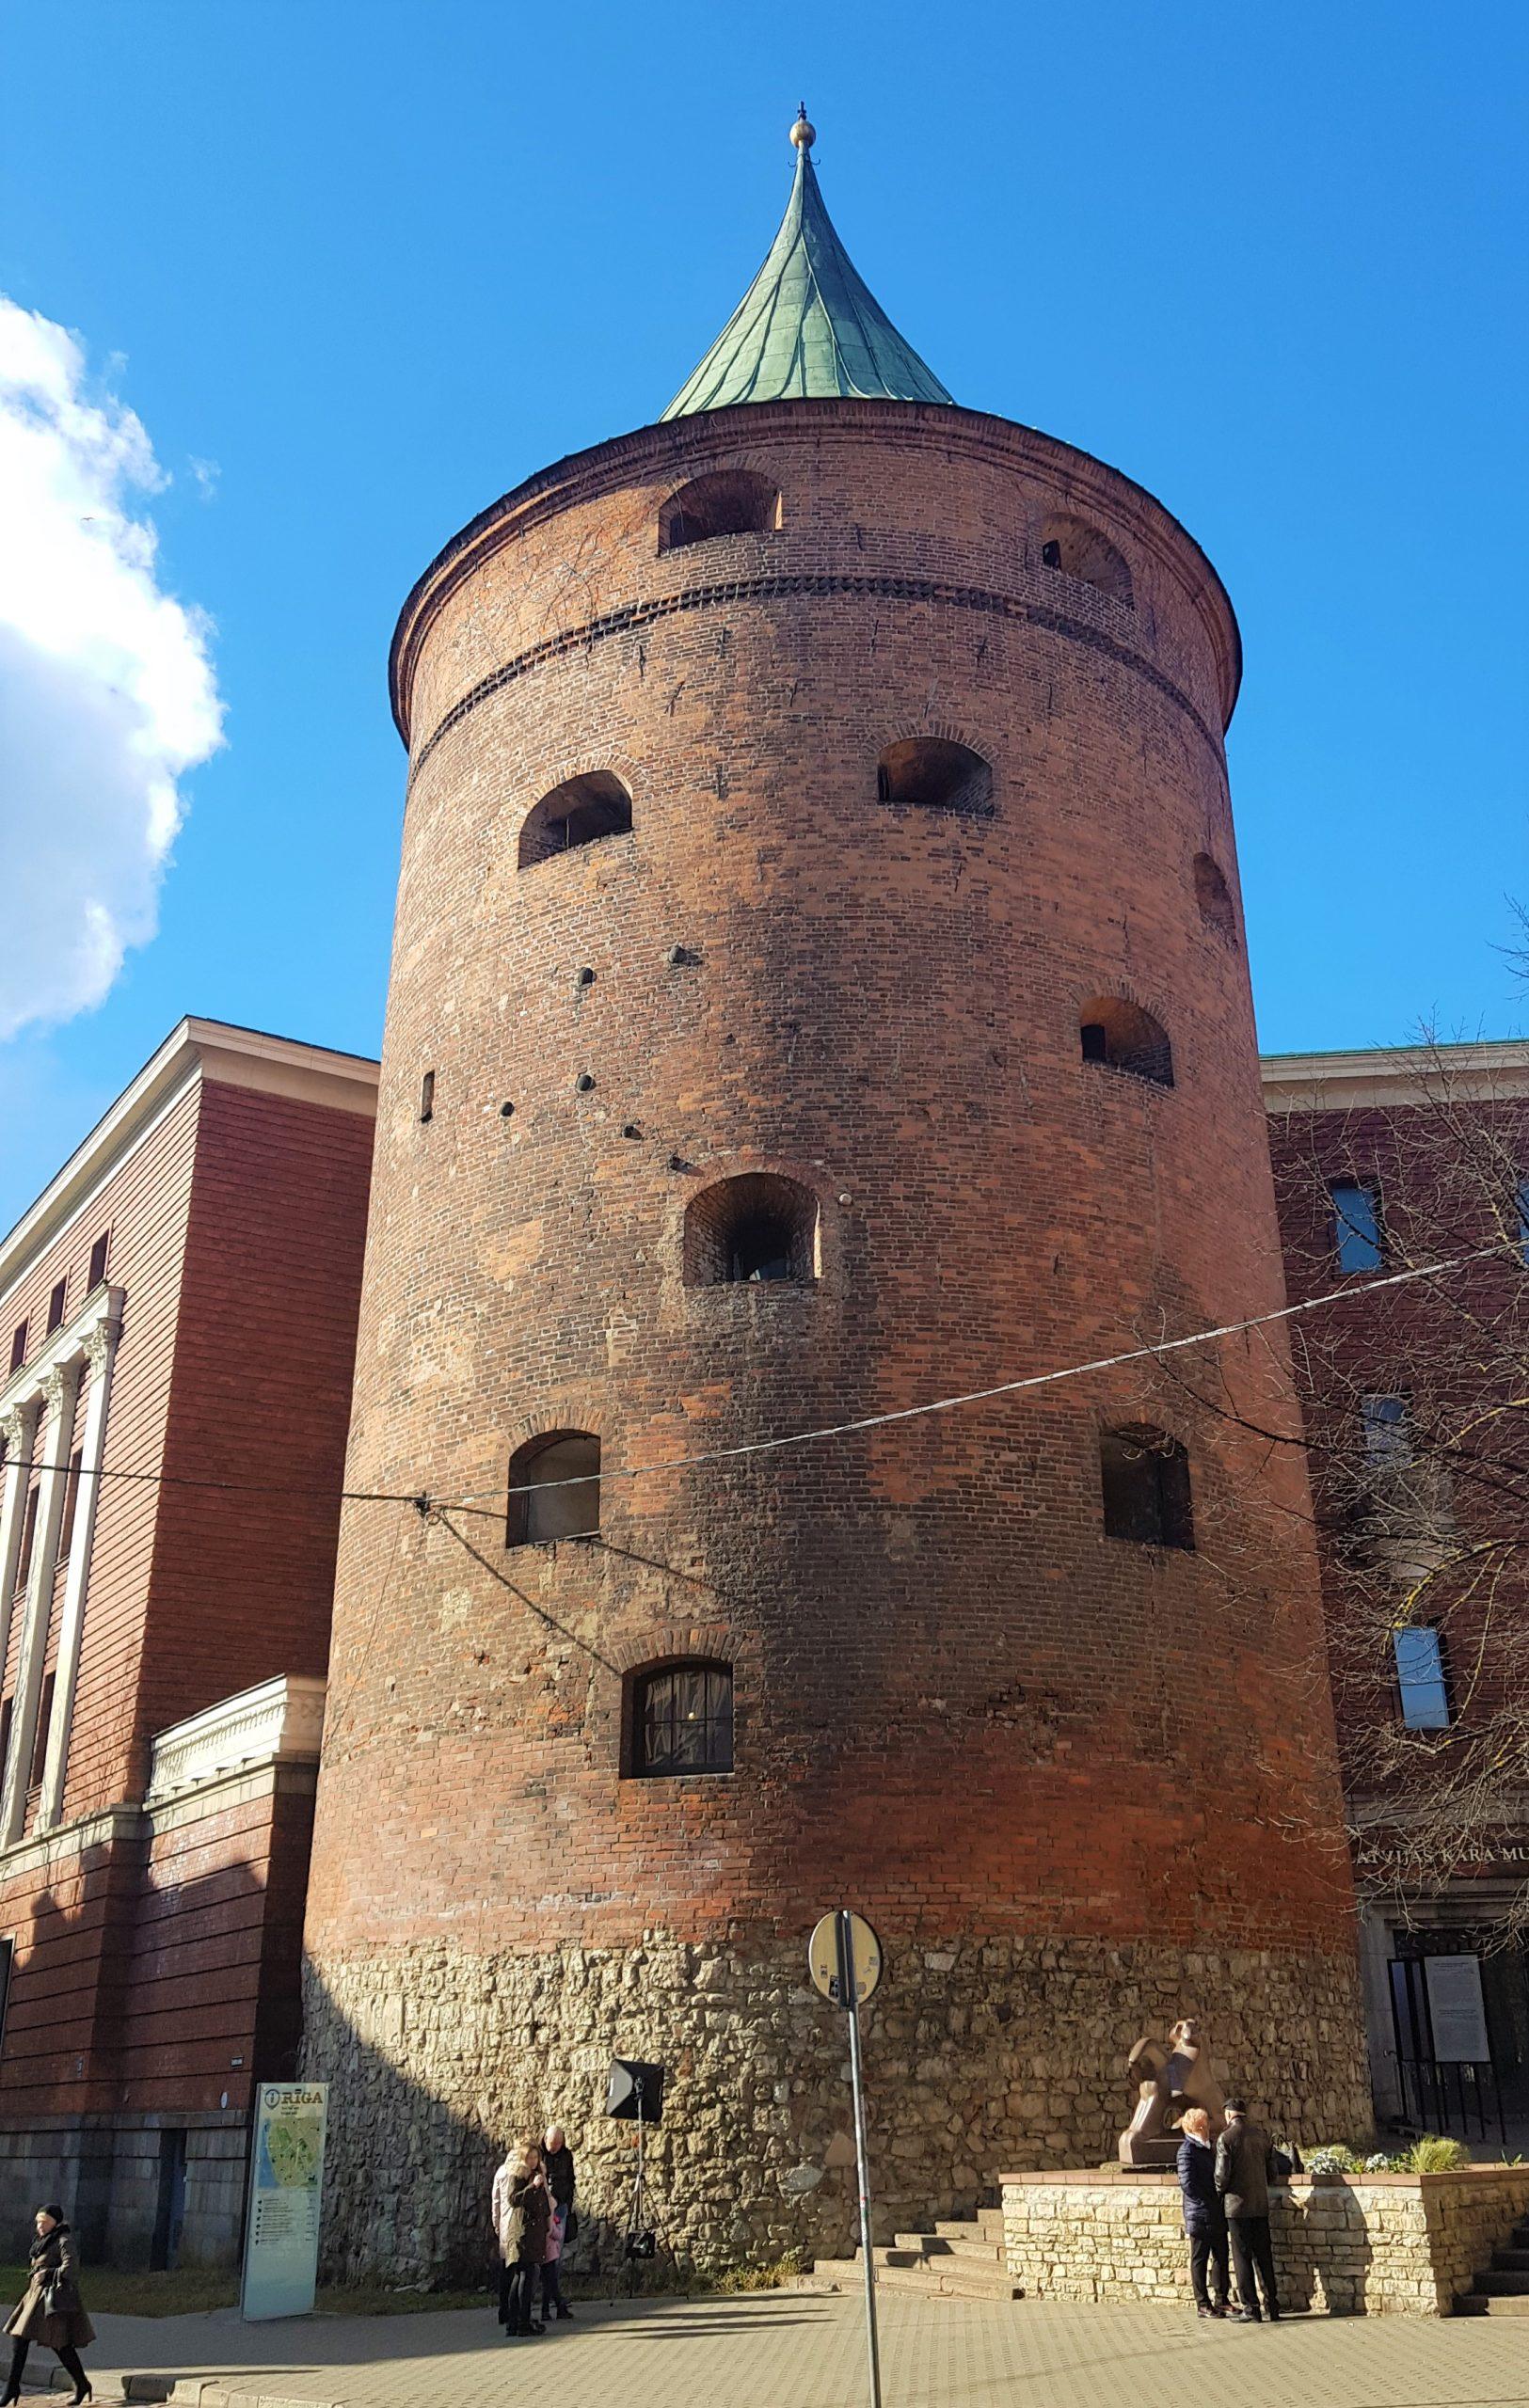 Torre acabada en punta, conocida como la torre de la pólvora